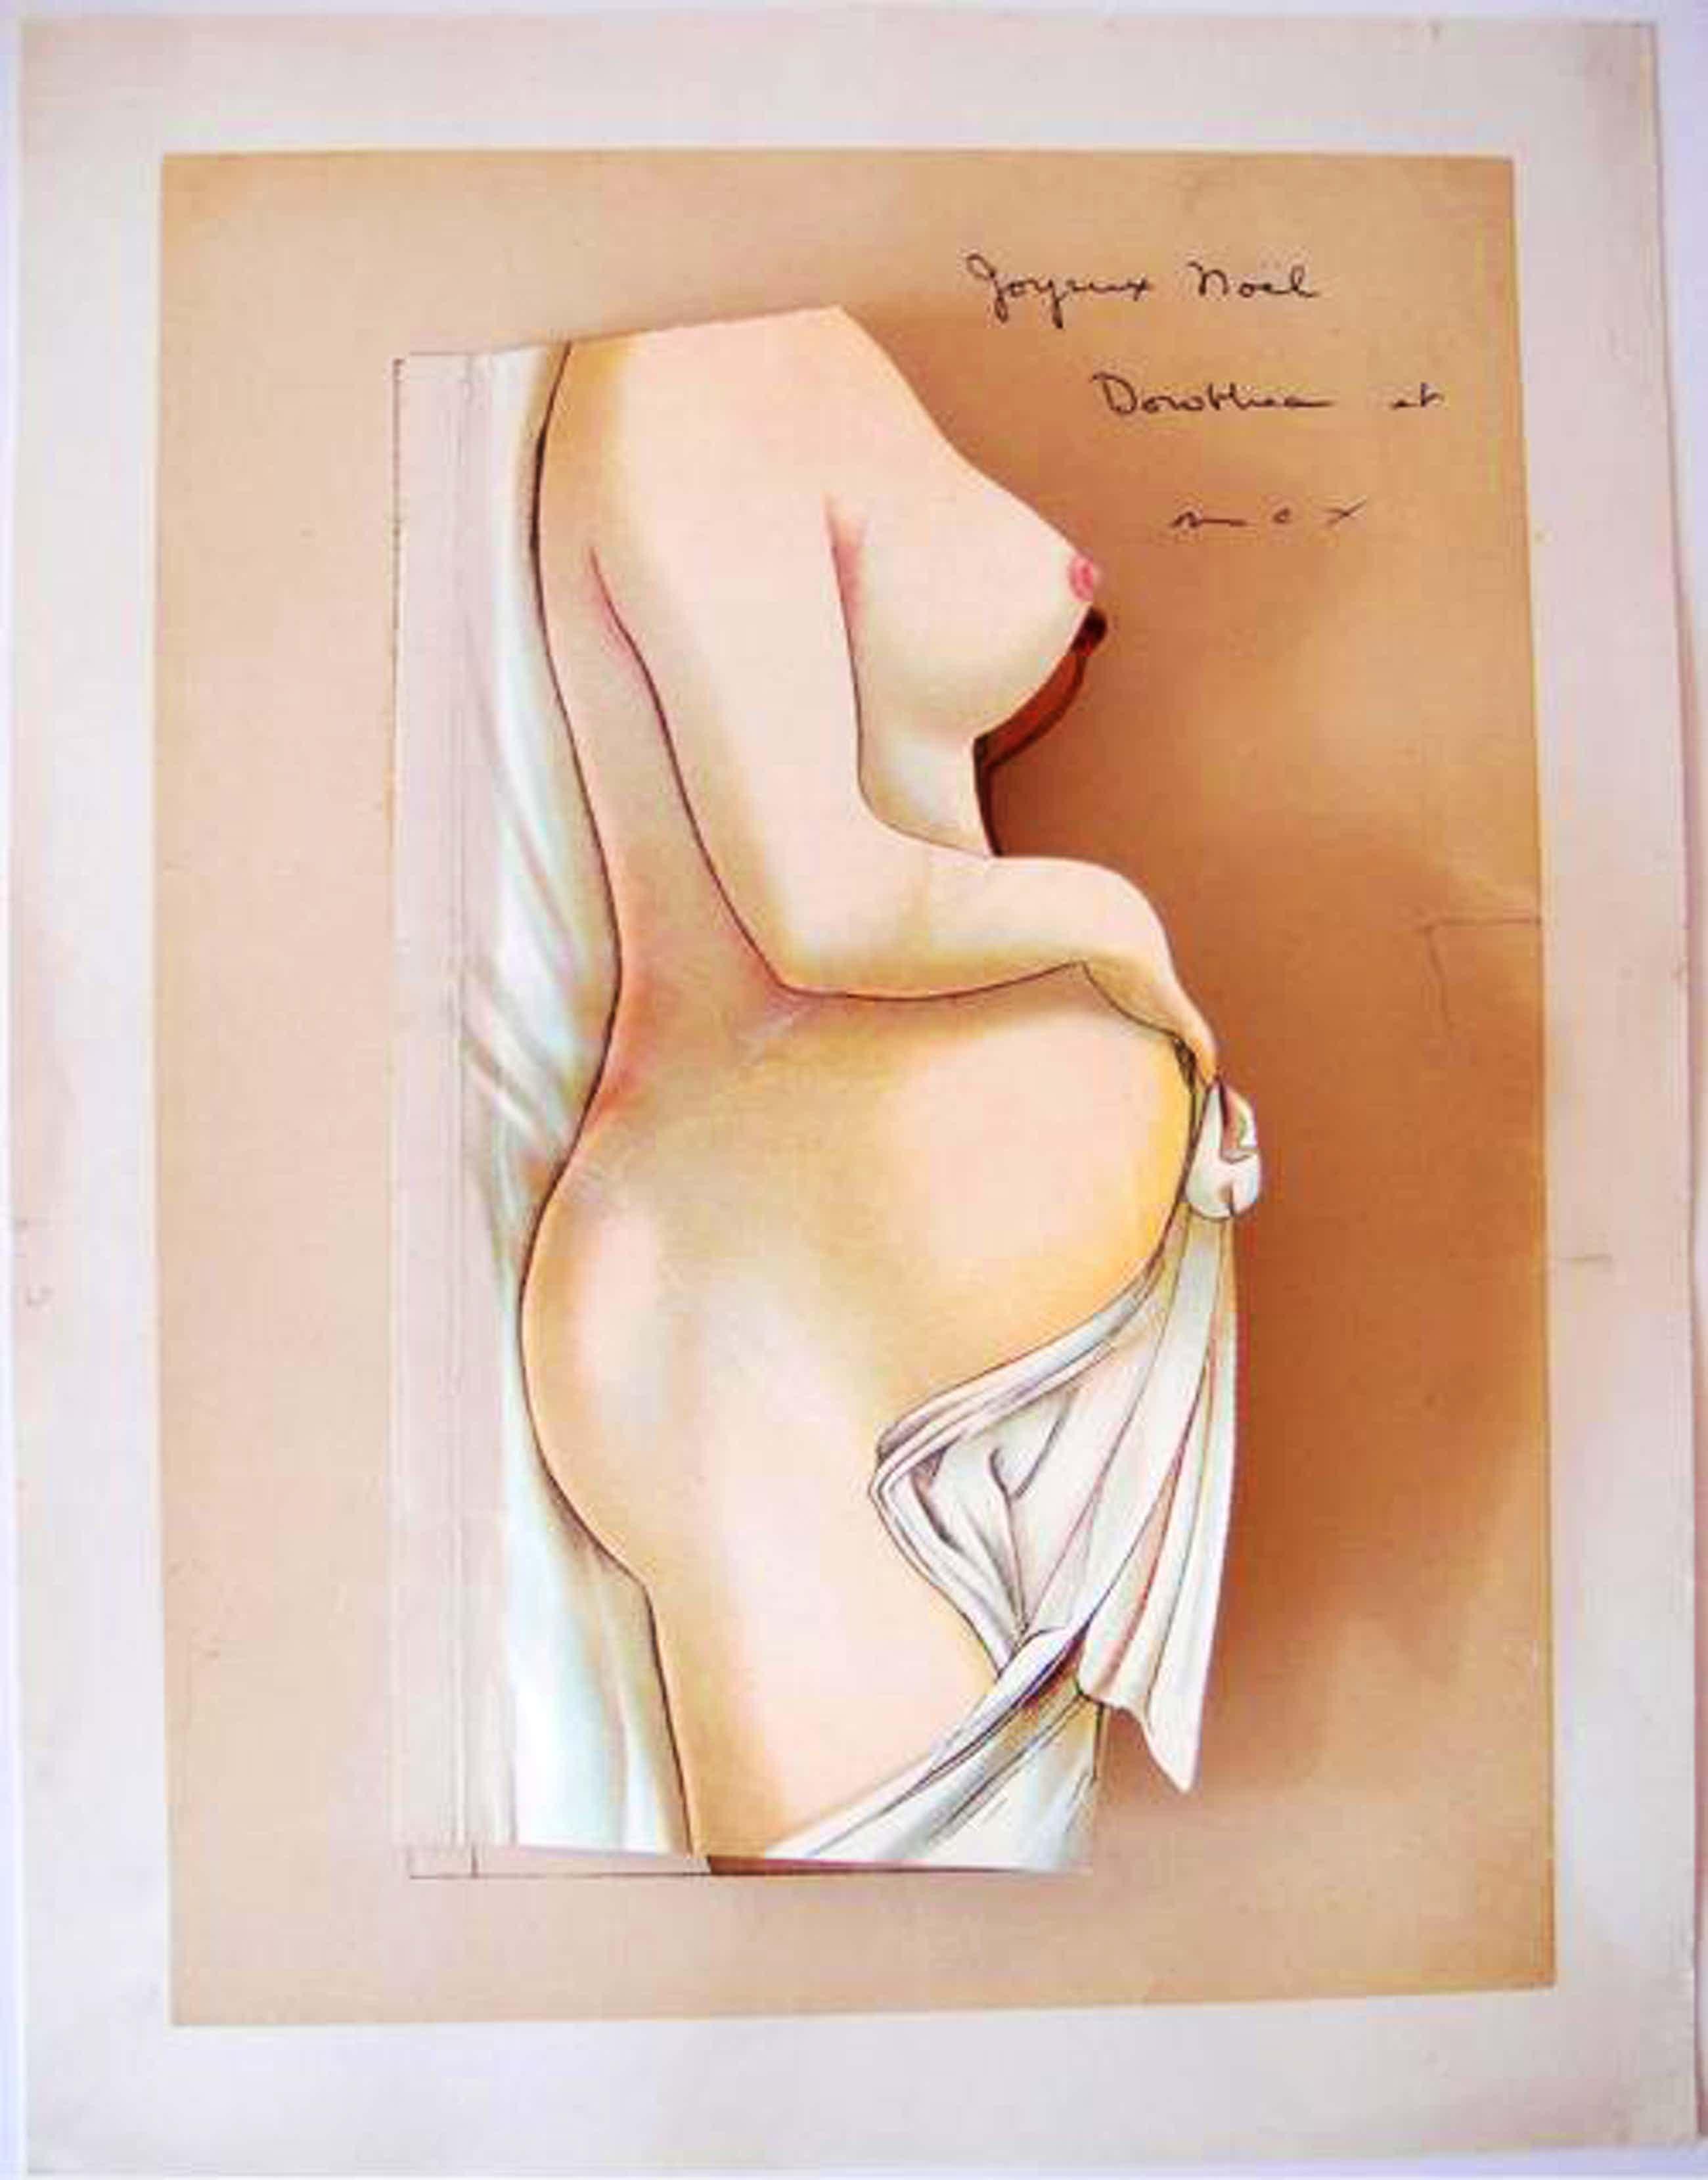 Max Ernst - Unikat - Originale dreidimensionale Collage, von Max Ernst und Dorothea Tanning kopen? Bied vanaf 3990!